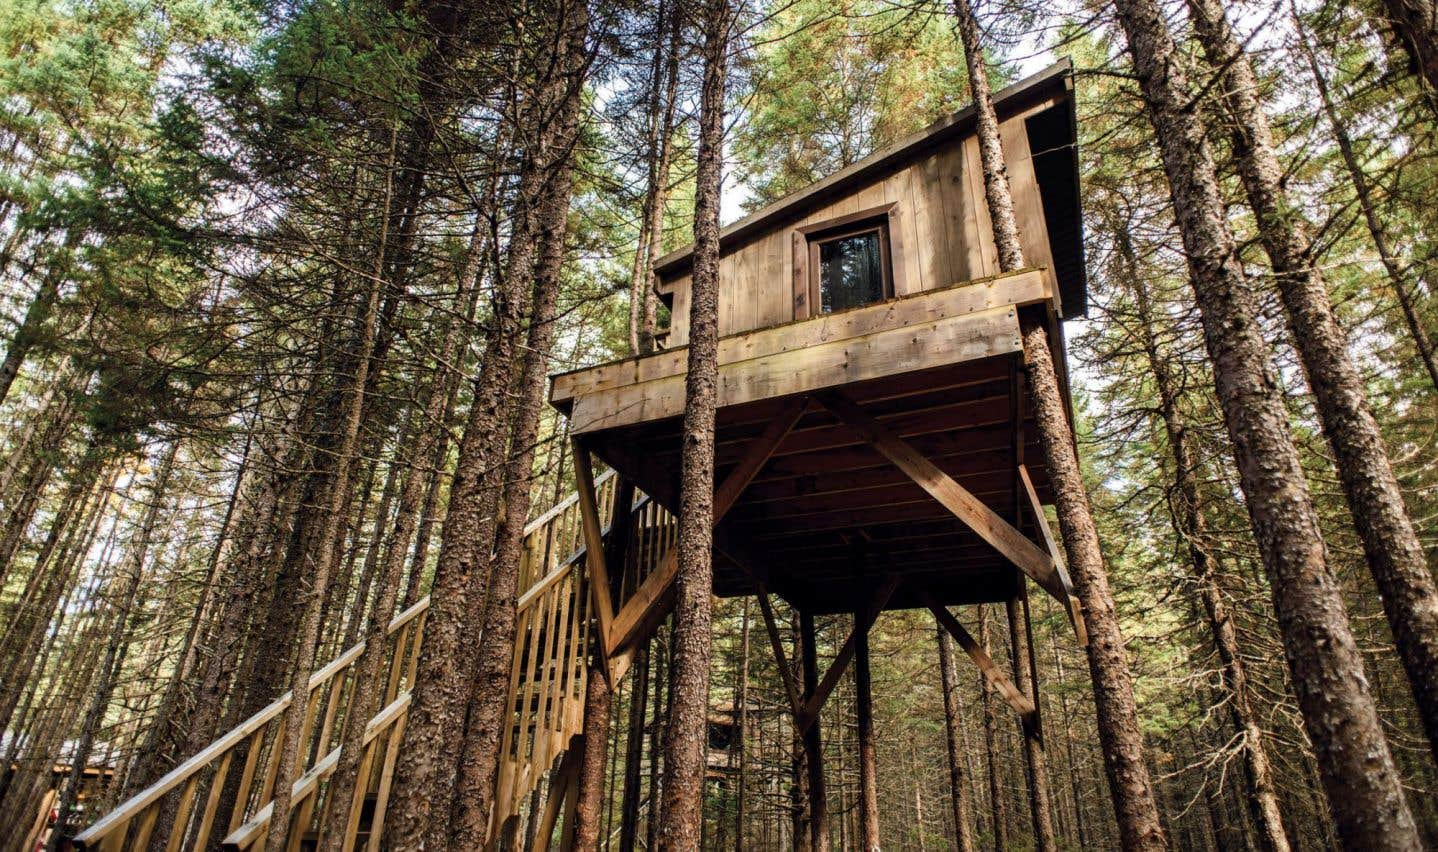 Lanaudière, une région inattendue de nature, mise sur ses particularités pour attirer les touristes